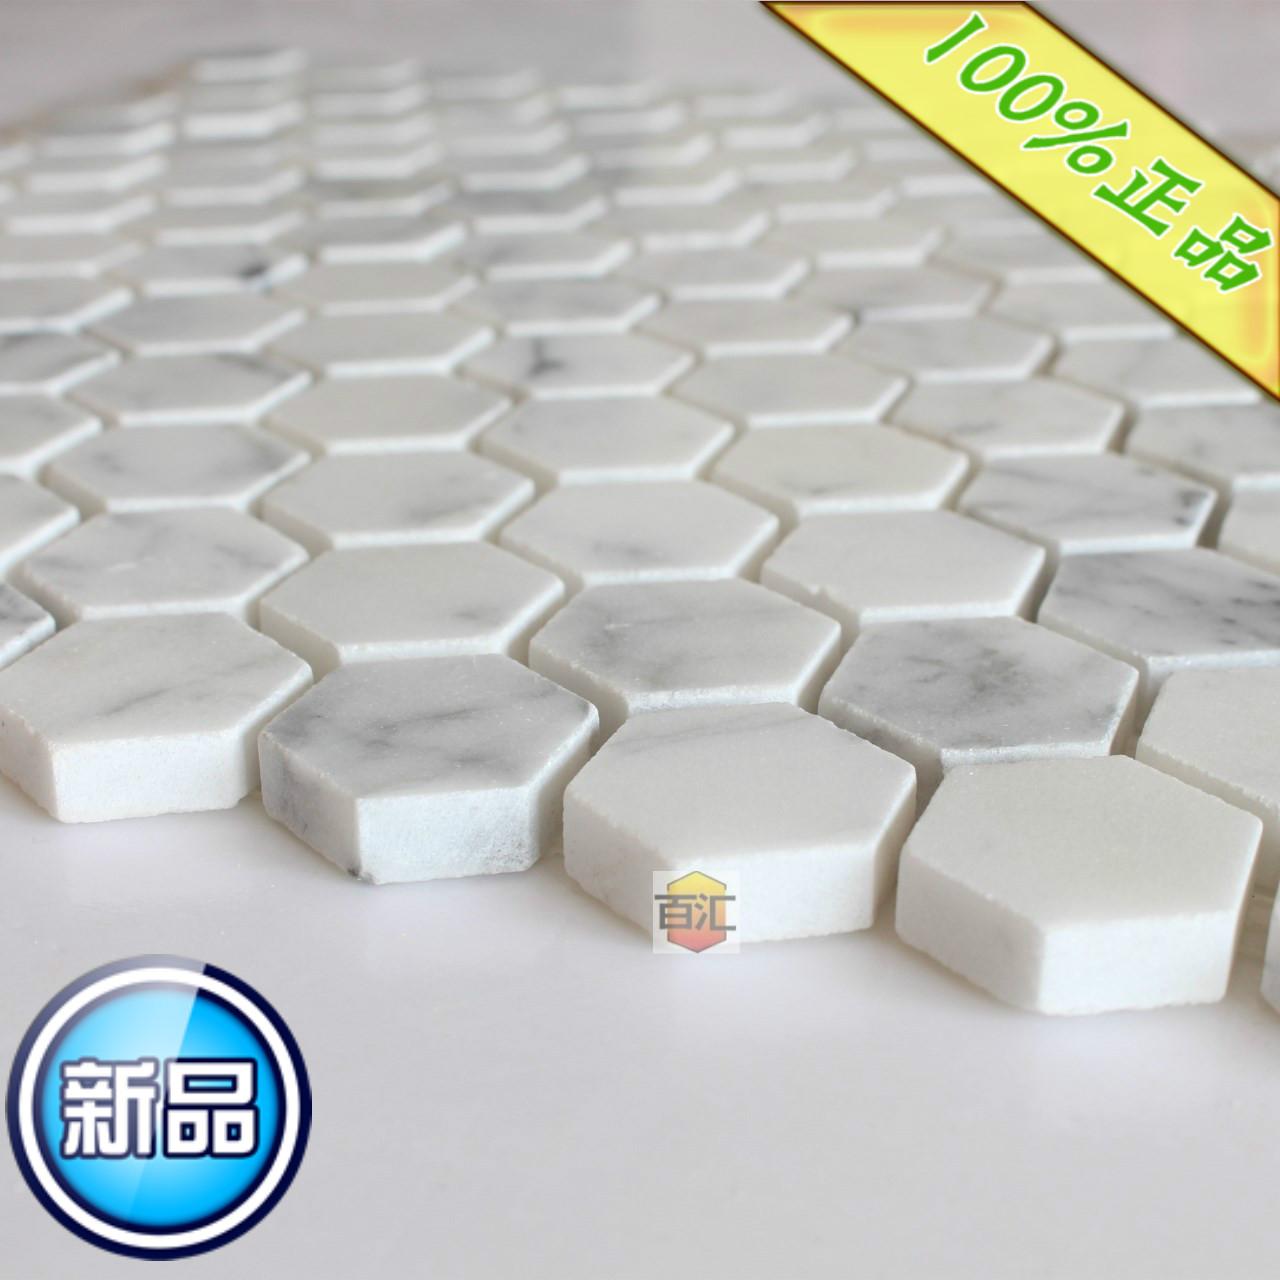 Здесь можно купить  marble floor tiles carrara white mosaic tile small hexagonal pieces polished marble floor tiles carrara white mosaic tile small hexagonal pieces polished Строительство и Недвижимость